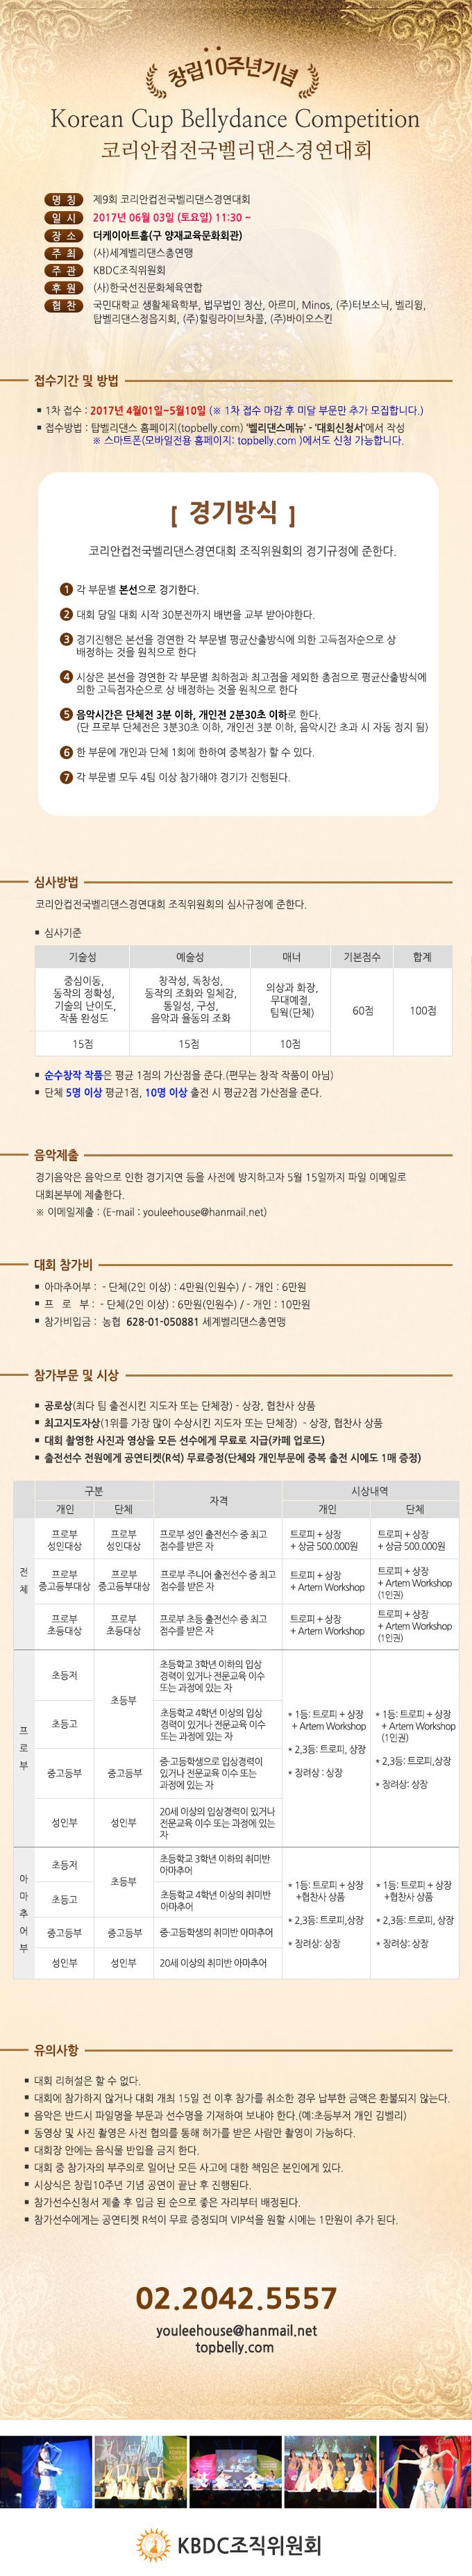 제9회코리안컵전국벨리댄스경연대회요강.jpg